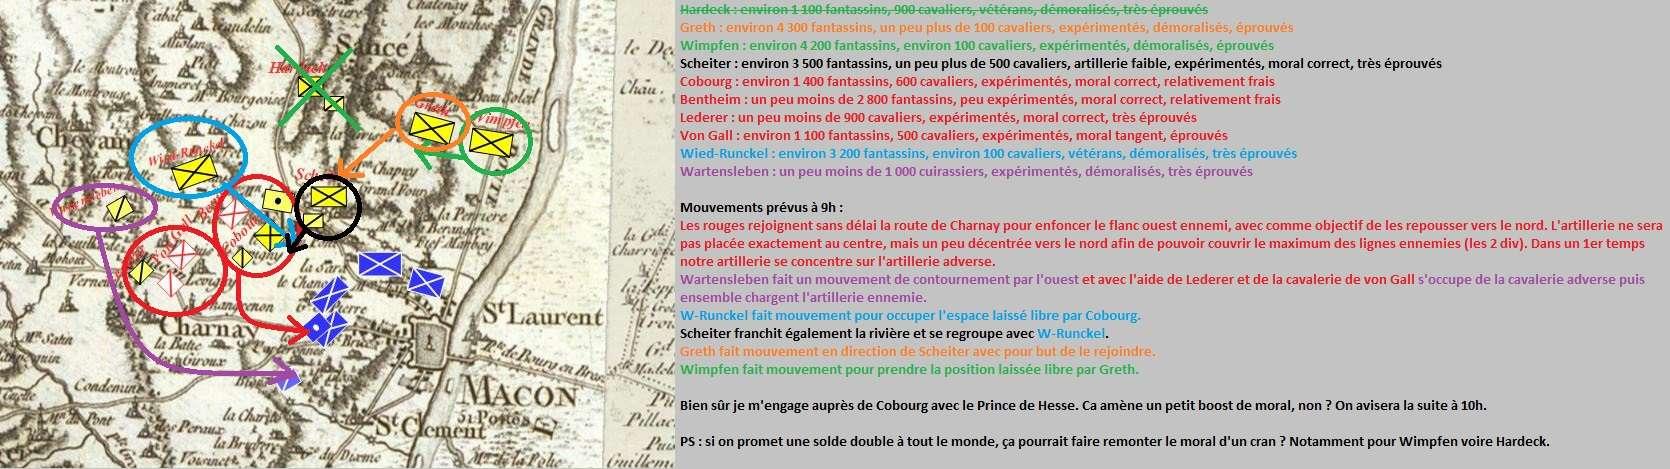 QG du Prince de HESSE-HOMBOURG (Nabulio) - Page 24 Sans_t18